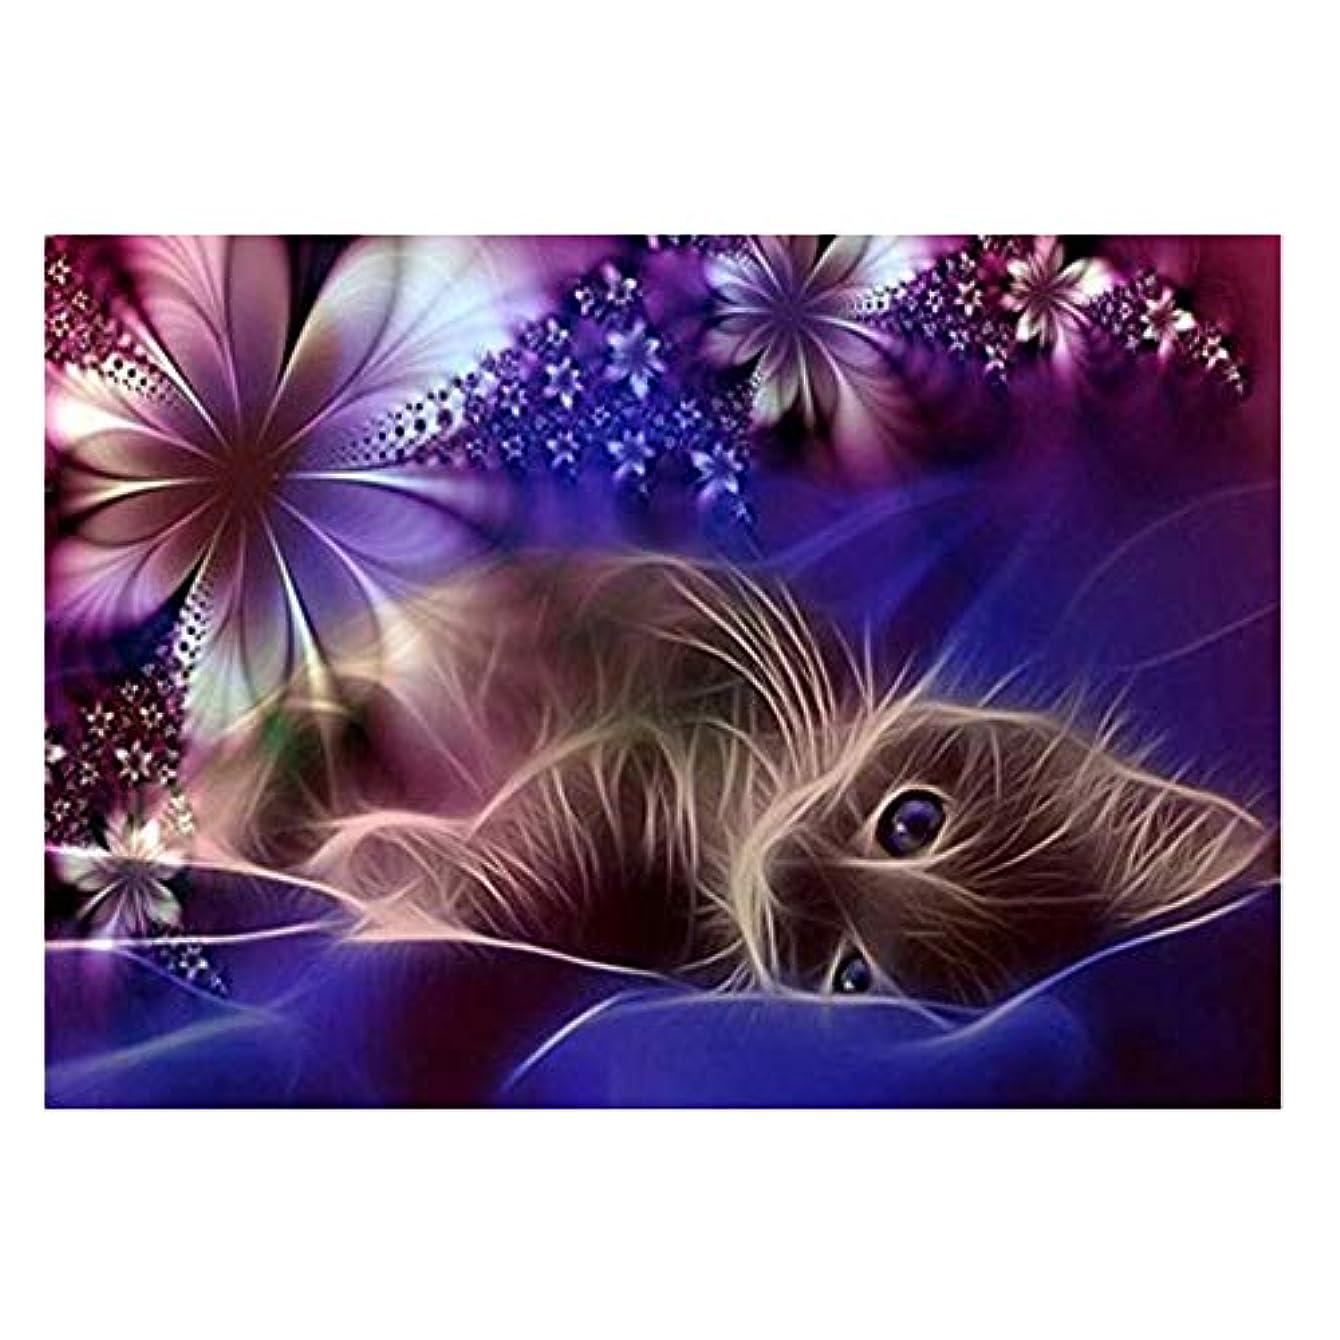 合体バックグラウンド帆5D 手作りダイヤモンド絵画?30×40cmかわいい猫5Dダイヤモンドペインティングるまインテリア プレゼント ホーム レストラン 壁掛け 装飾 (マルチカラー)